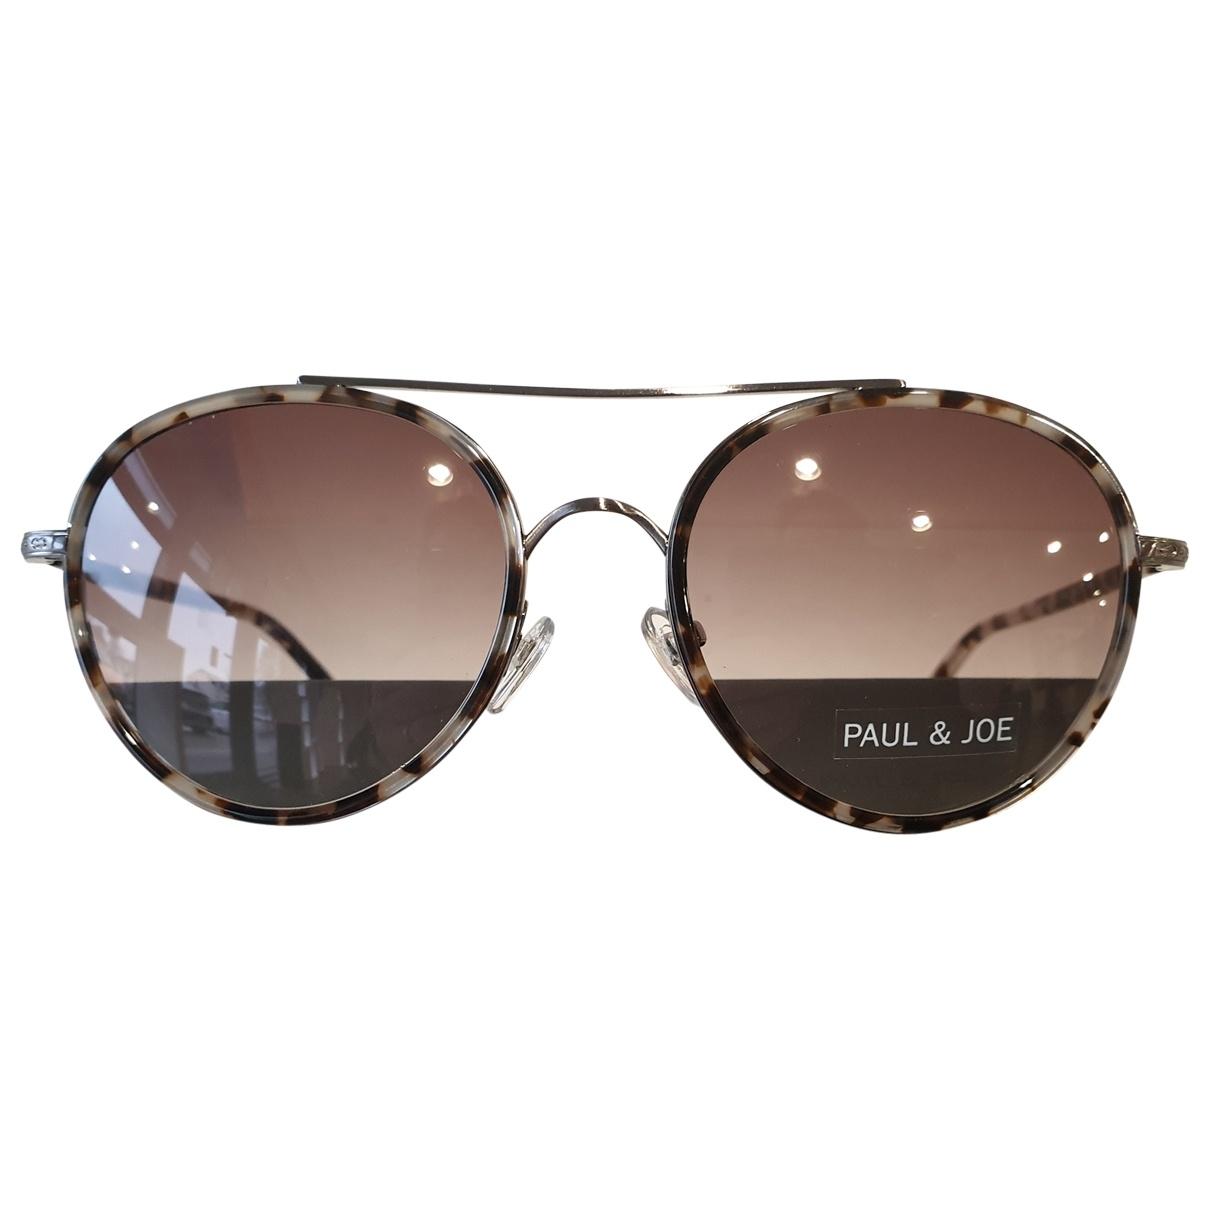 Gafas Paul & Joe